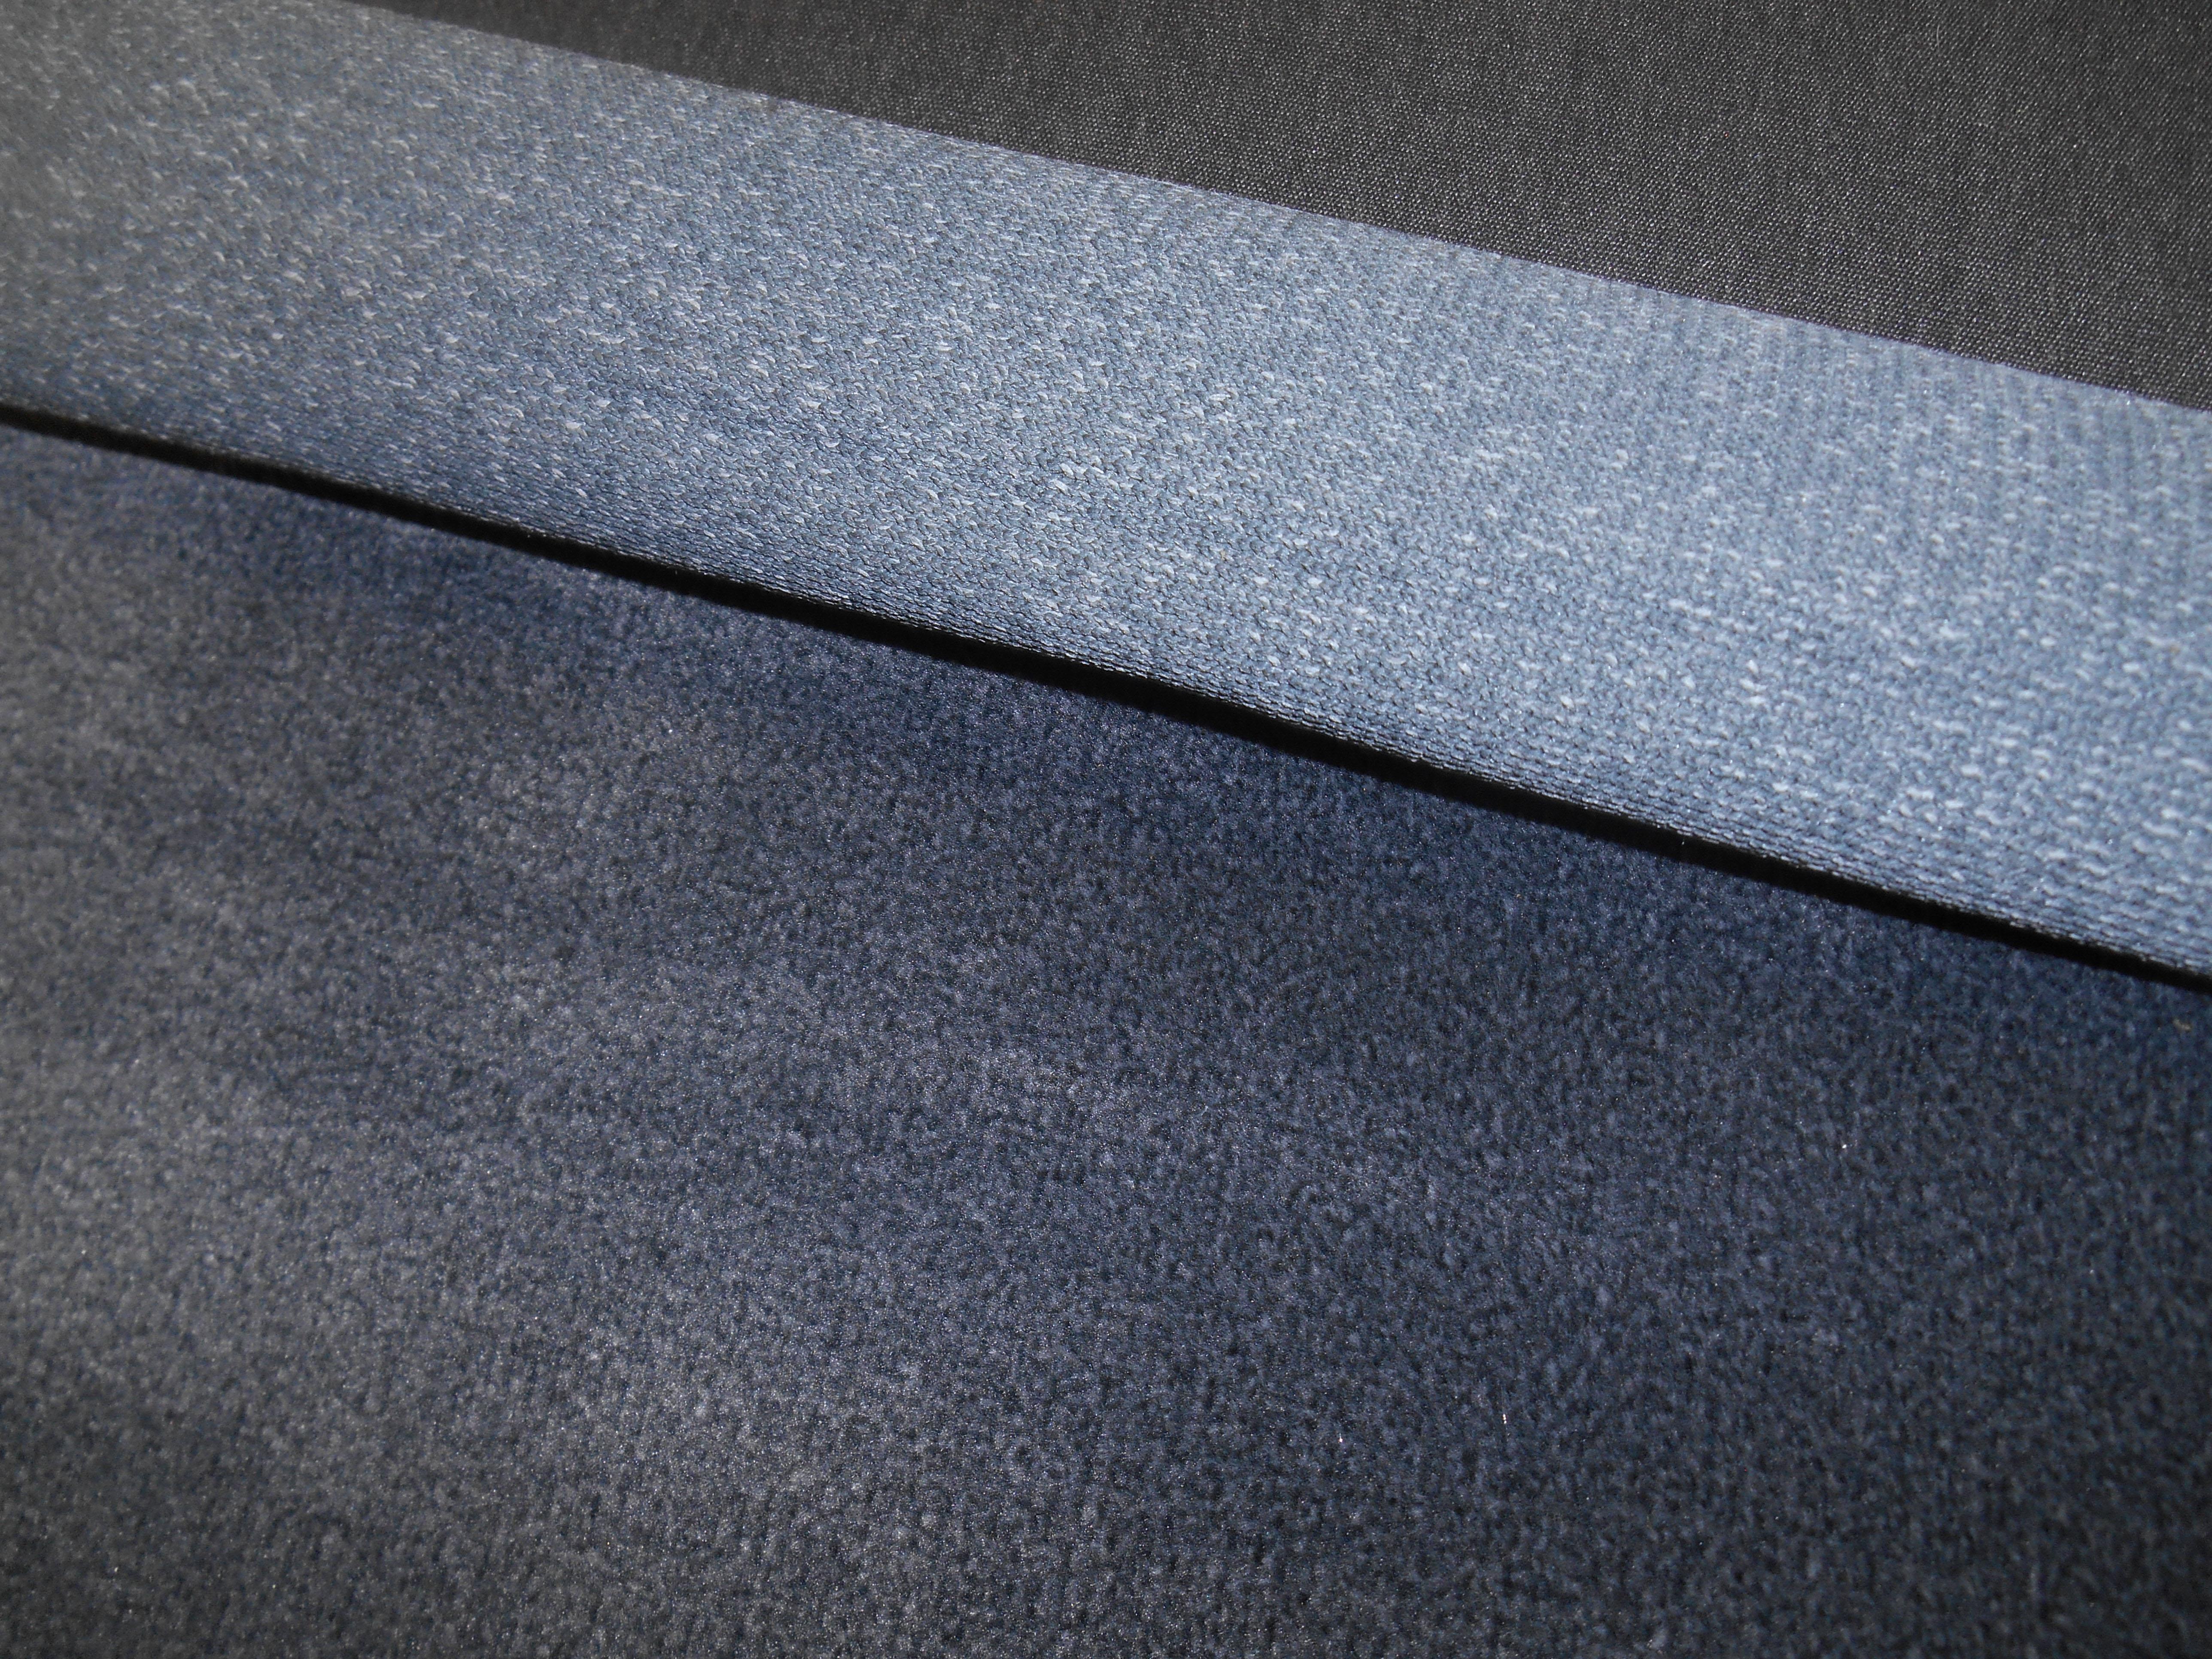 Carpet Fabric Types Carpet Vidalondon